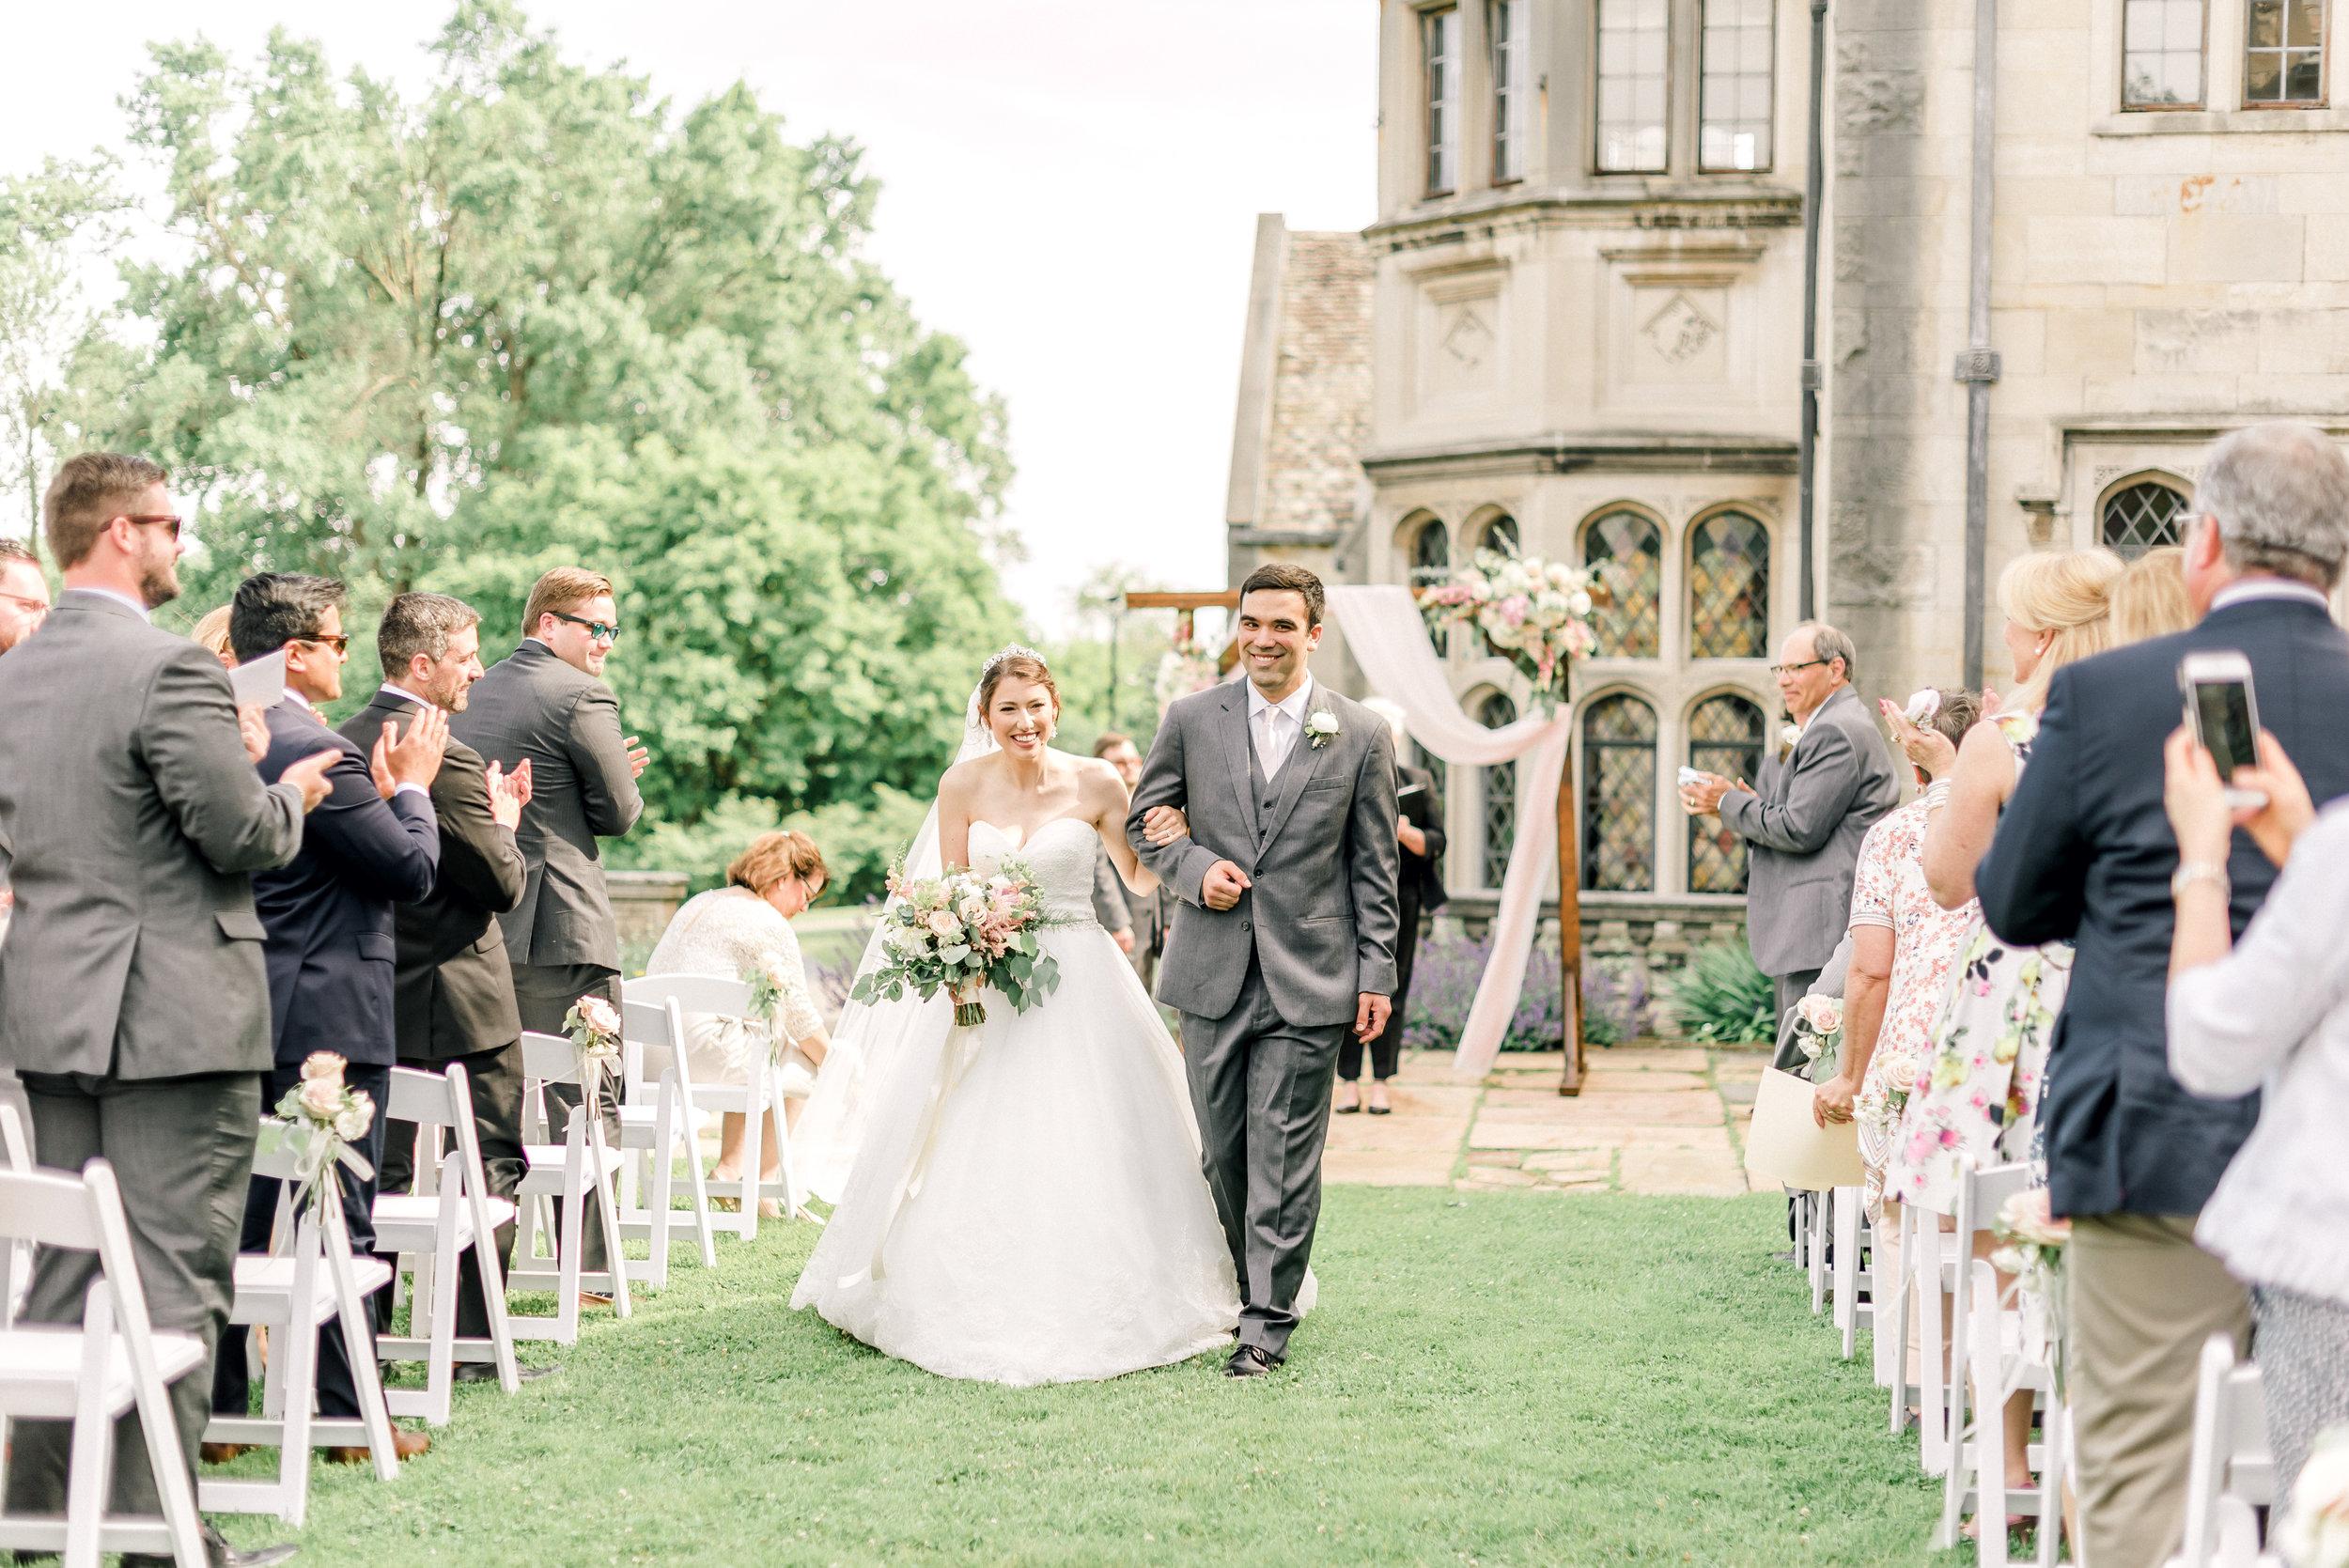 pittsburgh-wedding-photographer-hartwood-acres-0030.jpg